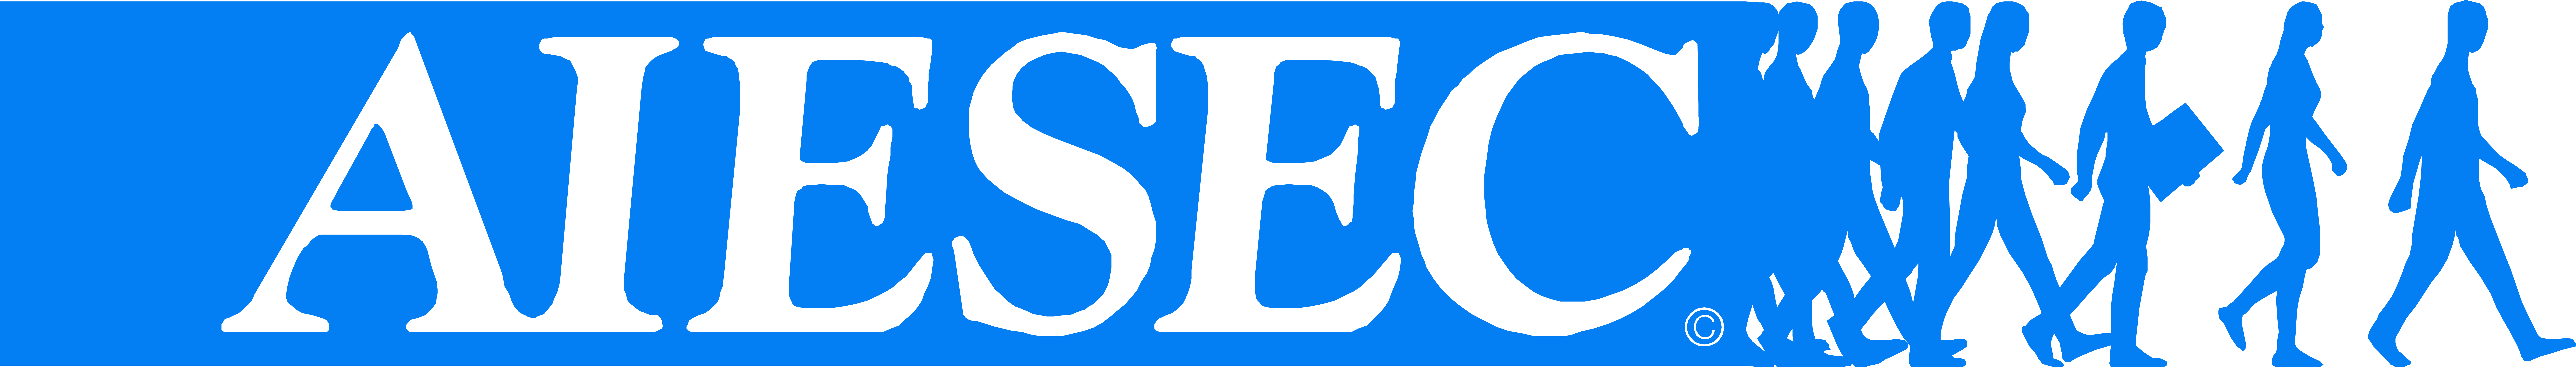 logo_Aiesec blue